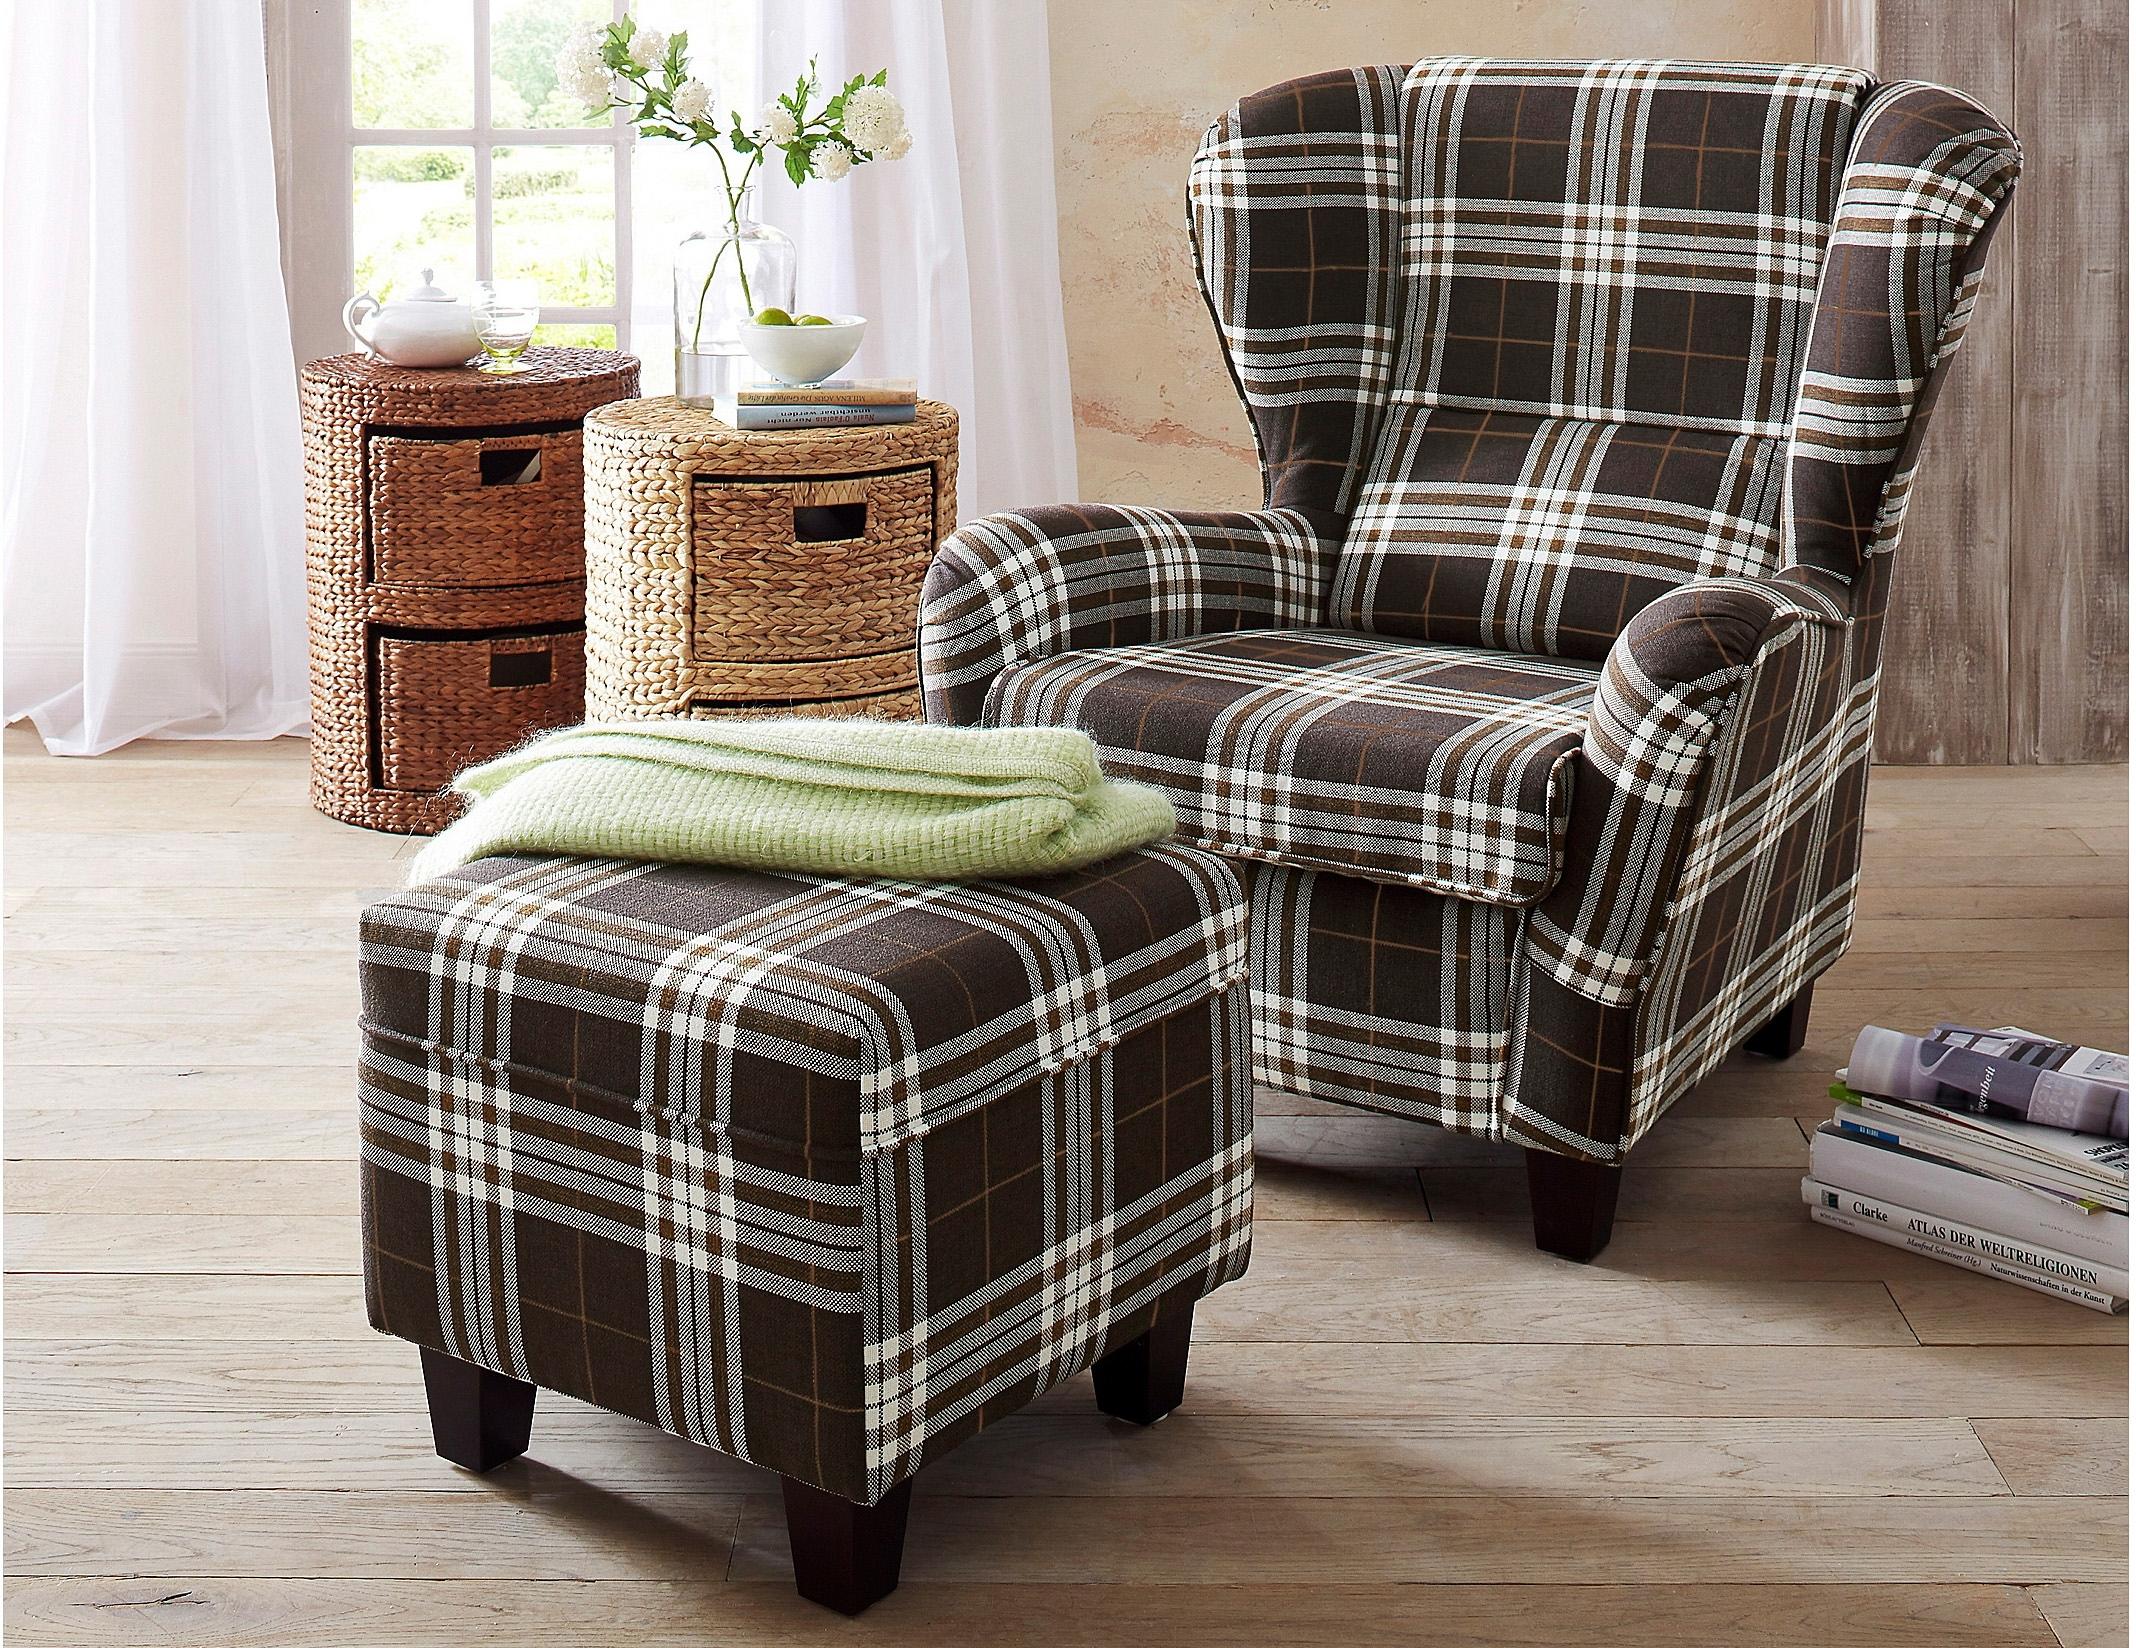 oorfauteuil kopen kijk in onze online webshop otto. Black Bedroom Furniture Sets. Home Design Ideas